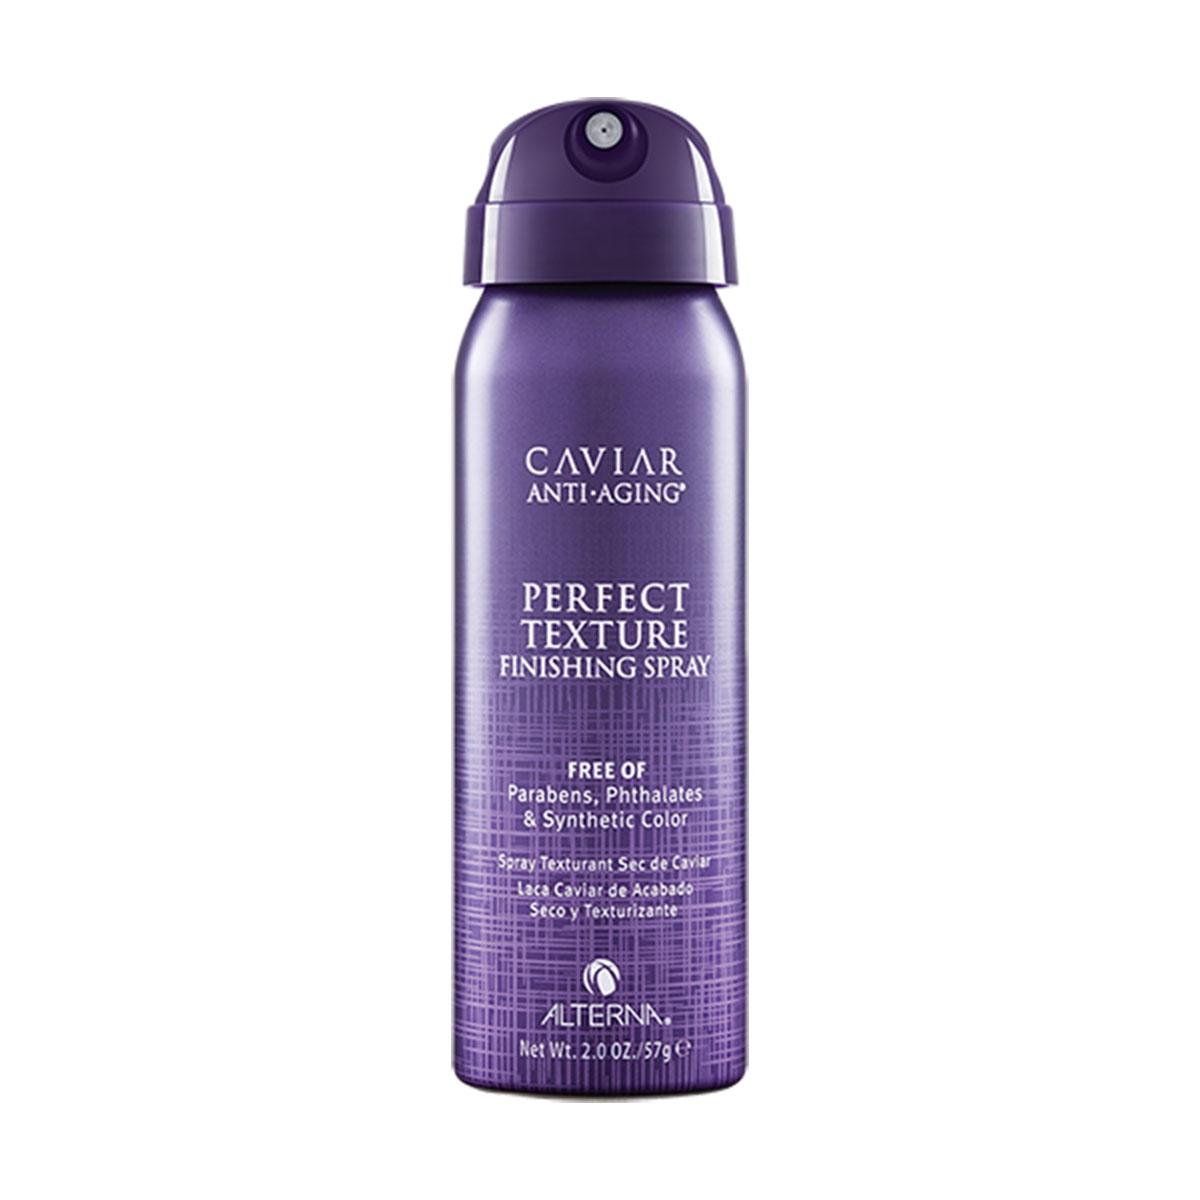 Alterna Caviar Anti-Aging Perfect Texture Finishing Spray - Спрей Идеальная текстура волос 50 мл4605845001449Спрей «Идеальная текстура волос» - это сочетание сухого шампуня и лака для волос. Этот спрей создает объем, форму и текстуру, не оставляя белых следов, как сухой шампунь и не утяжеляя, как лак для волос. Его можно использовать на всех типах волос дома или после сушки феном, чтобы добавить объем и текстуру волосам.Преимущества: Дает ощущение легких, чистых, не склеенных волос. Не оставляет белых следов и не утяжеляет. Можно наносить как немного продукта, так и больше без утяжеления и ощущения «липких» волос . Не спутывает волосы.Результат: умопомрачительная текстура, создает объем и плотность. Волосы приобретают трёхмерную текстуру, форму и остаются естественно подвижными.Спрей «Идеальная текстура волос» - это сочетание сухого шампуня и лака для волос. Этот спрей создает объем, форму и текстуру, не оставляя белых следов, как сухой шампунь и не утяжеляя, как лак для волос. Его можно использовать на всех типах волос дома или после сушки феном, чтобы добавить объем и текстуру волосам.